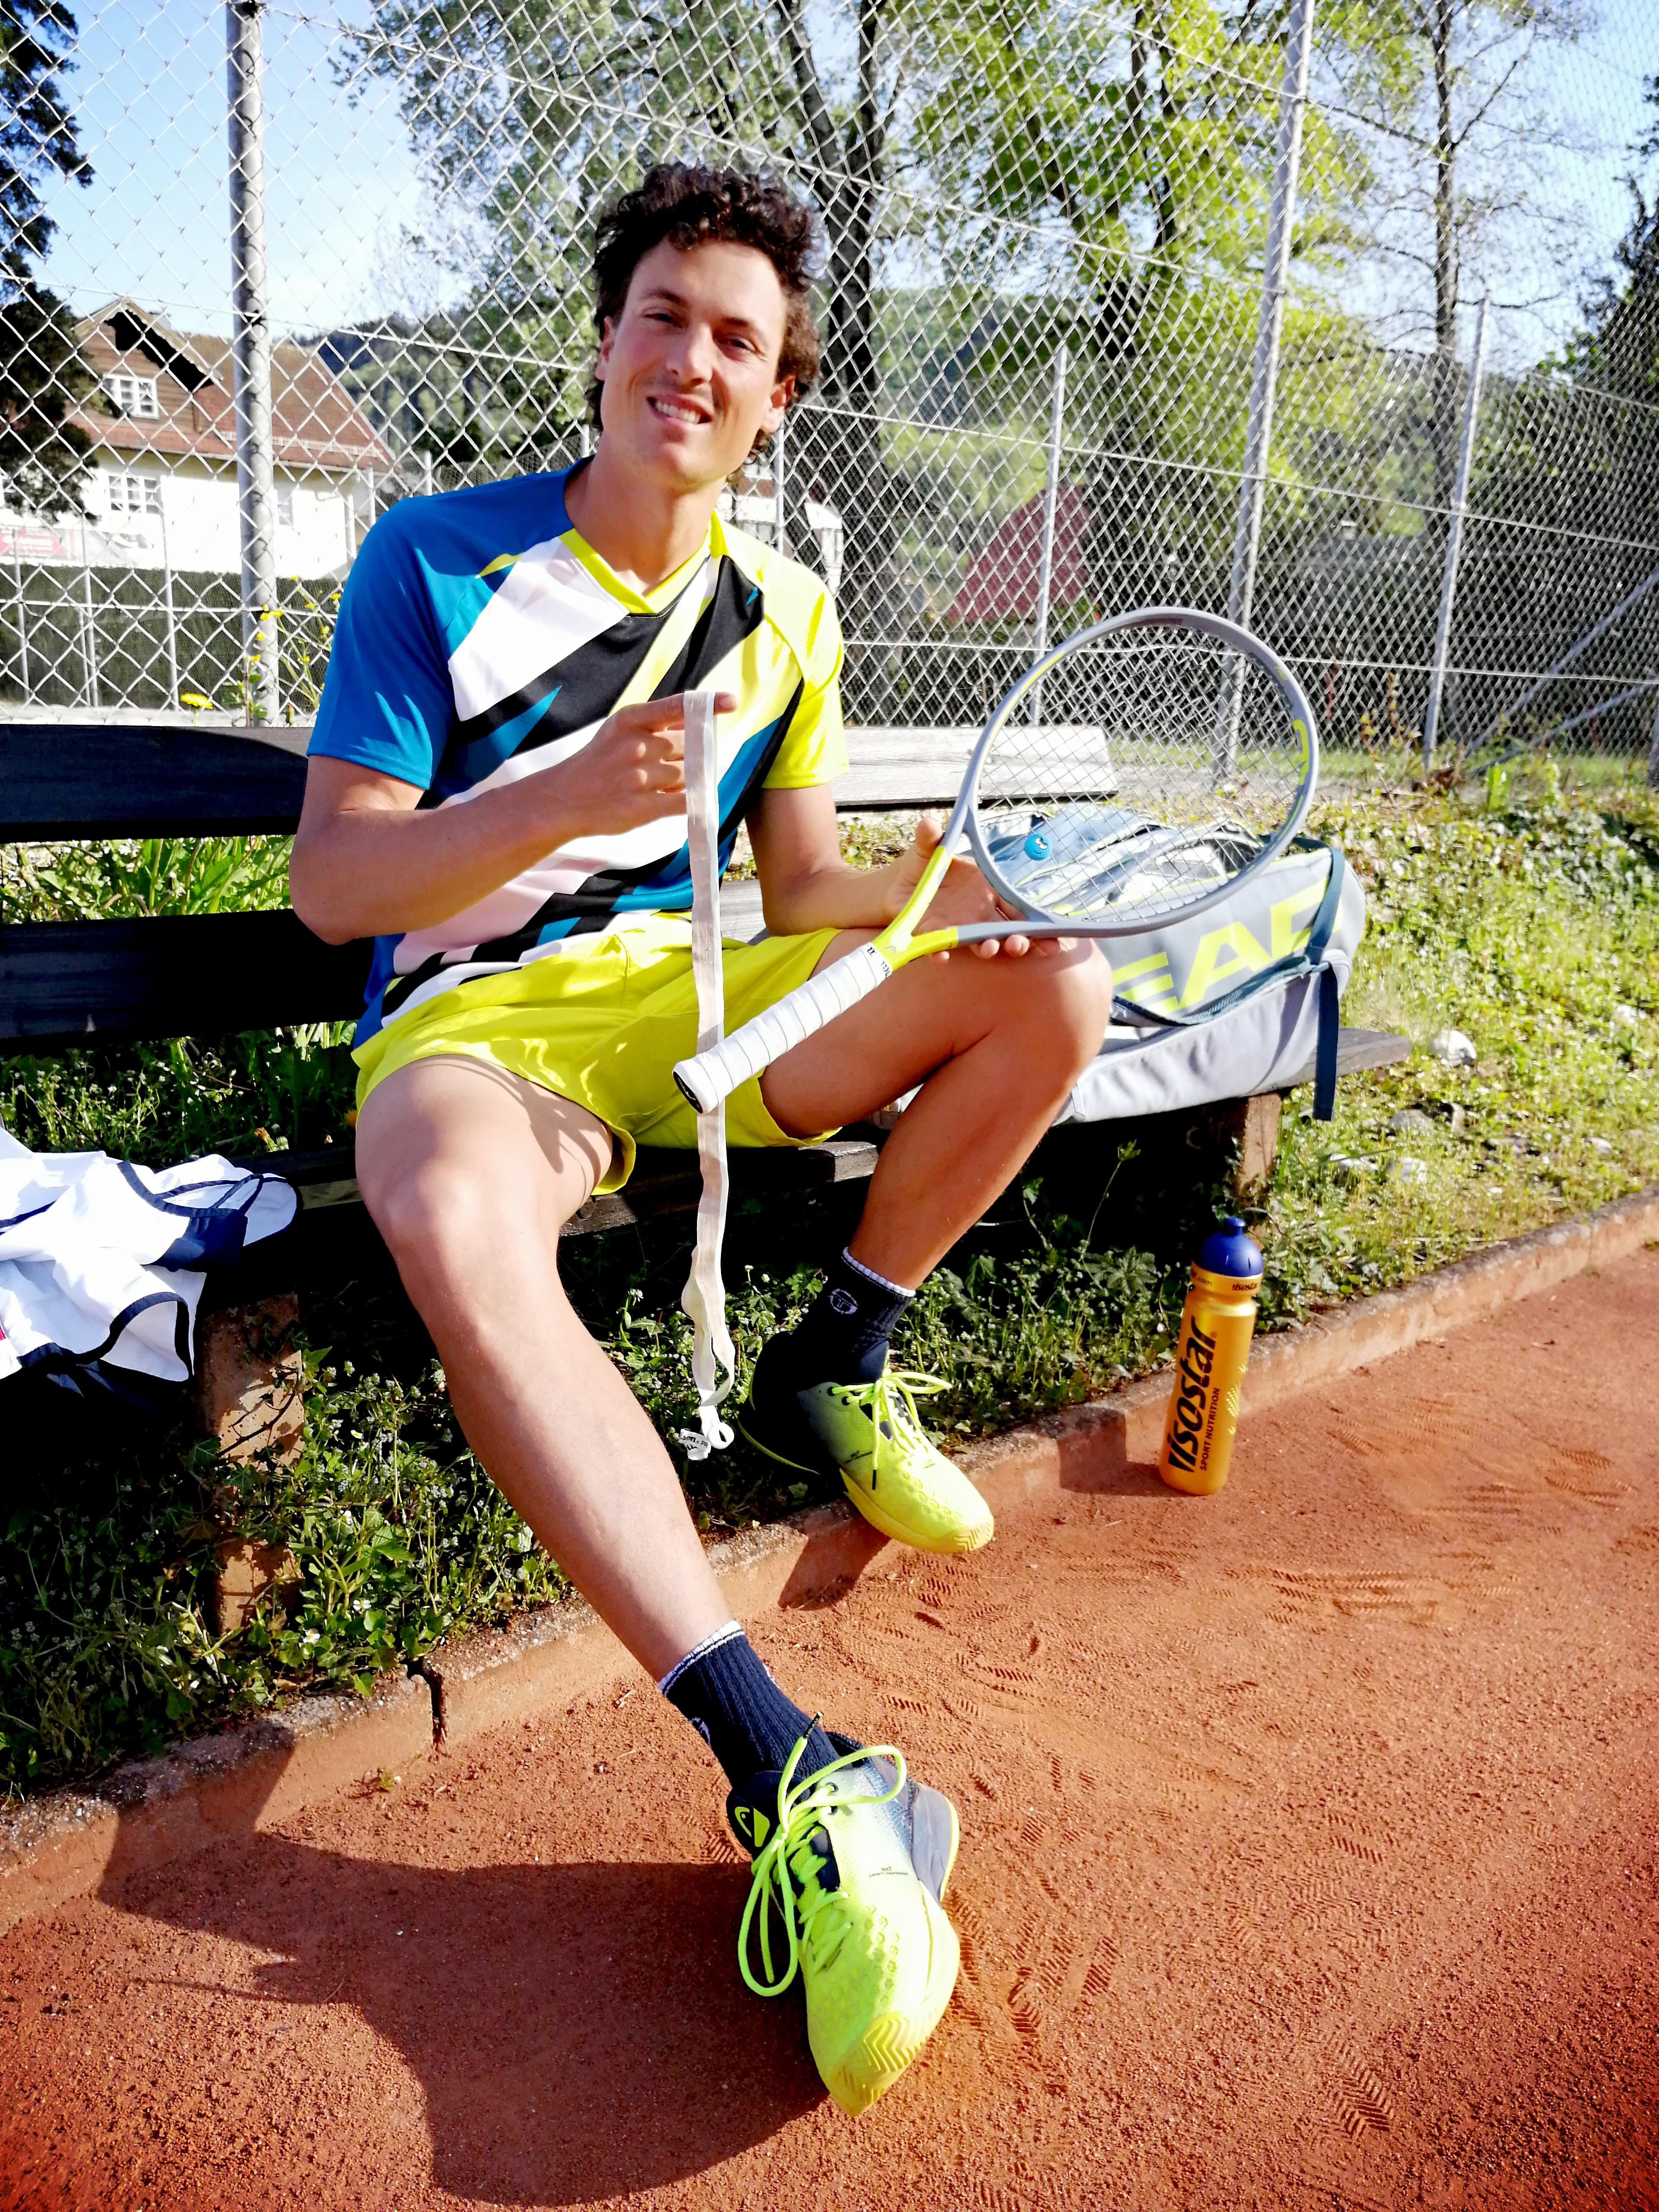 Tennis Zubehör City Outlet Blog Dominik Wirlend Griffbänder